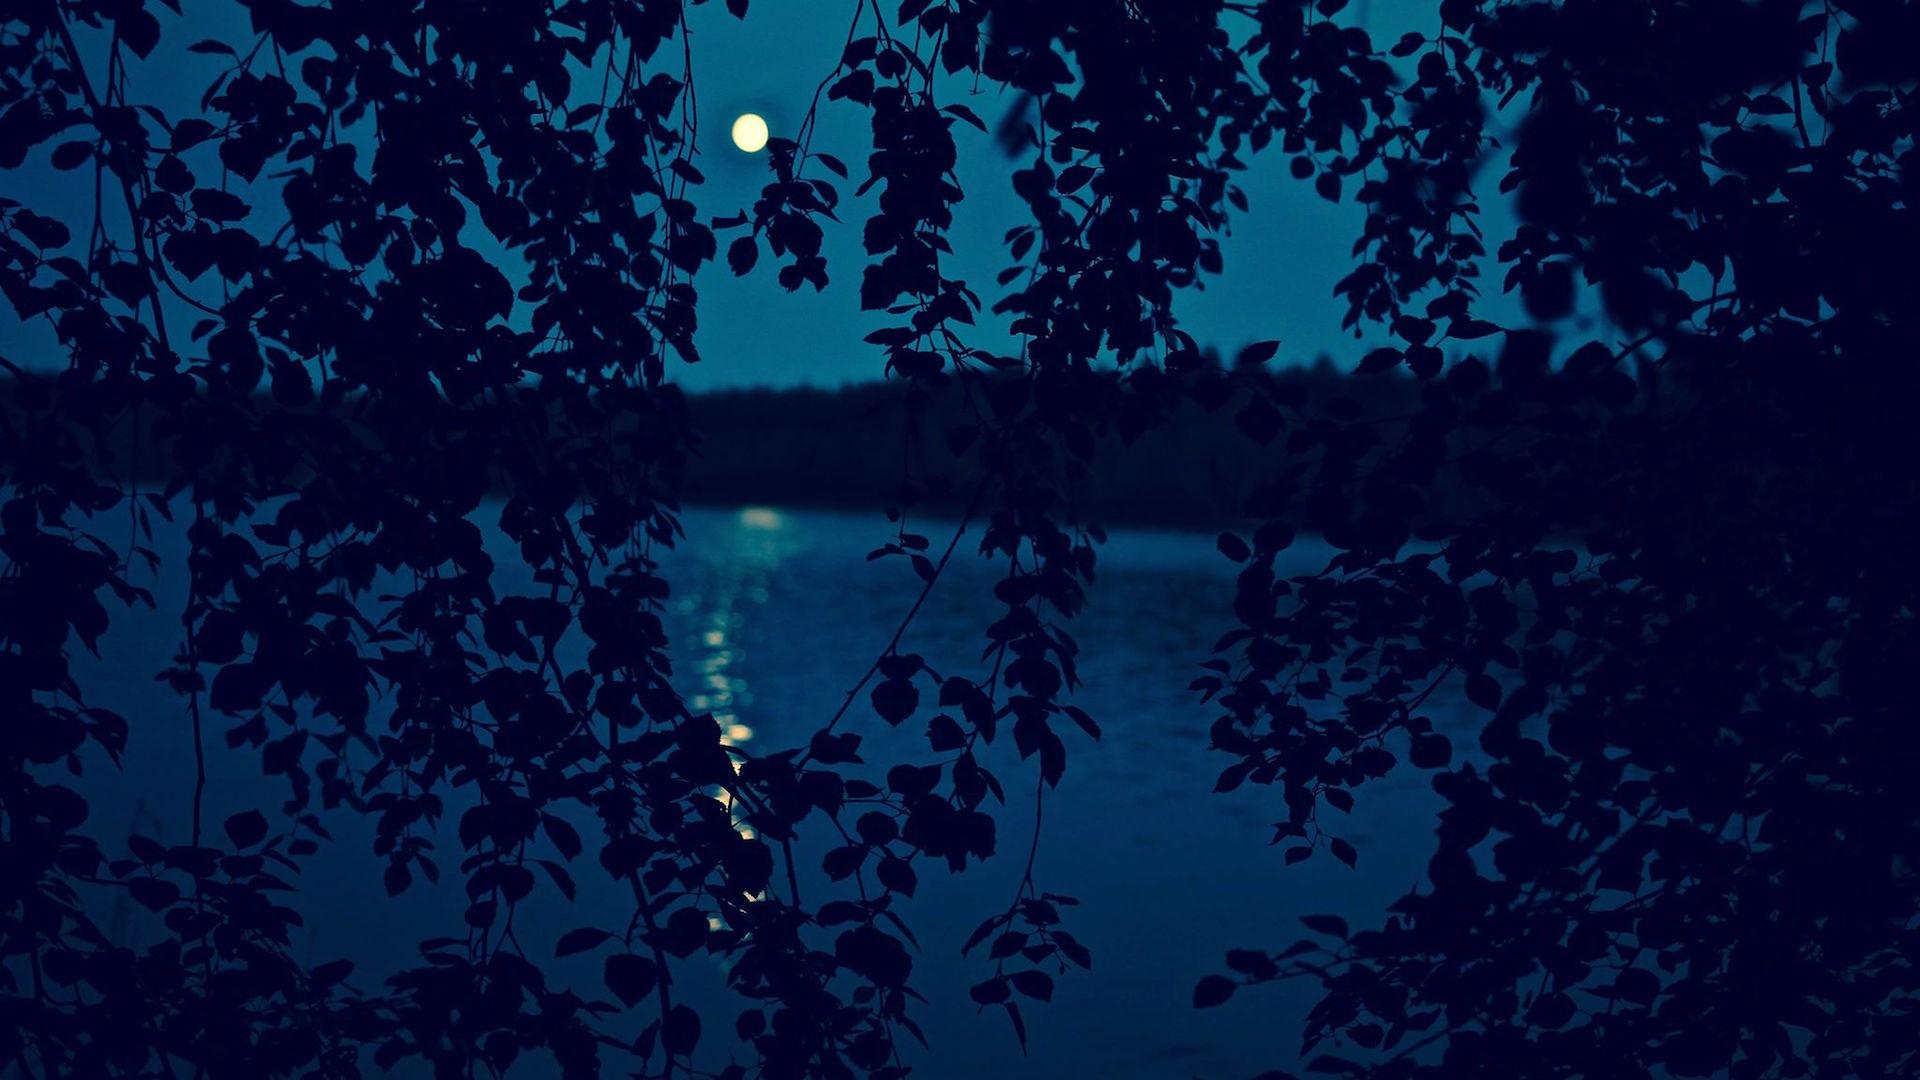 Syksyinen vesimaisema ja kuu